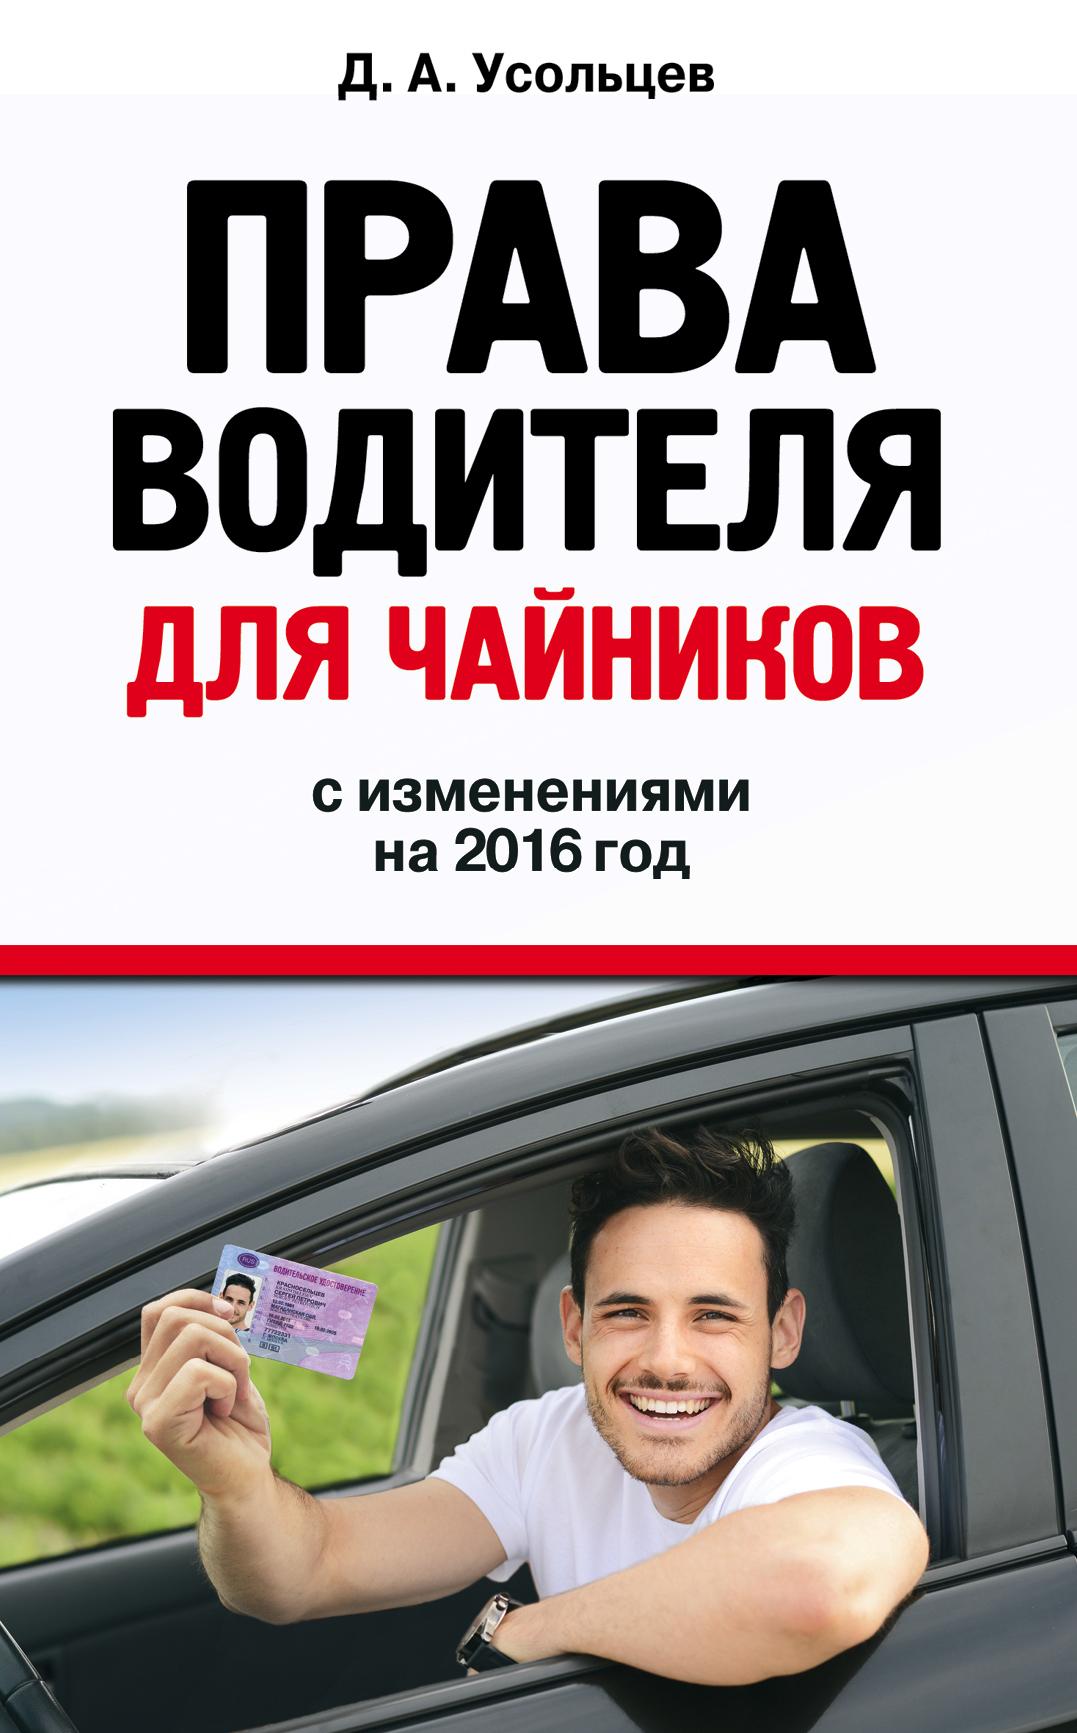 Дмитрий Усольцев Права водителя для чайников. С изменениями на 2016 год д а усольцев права водителя для чайников с изменениями на 2018 год